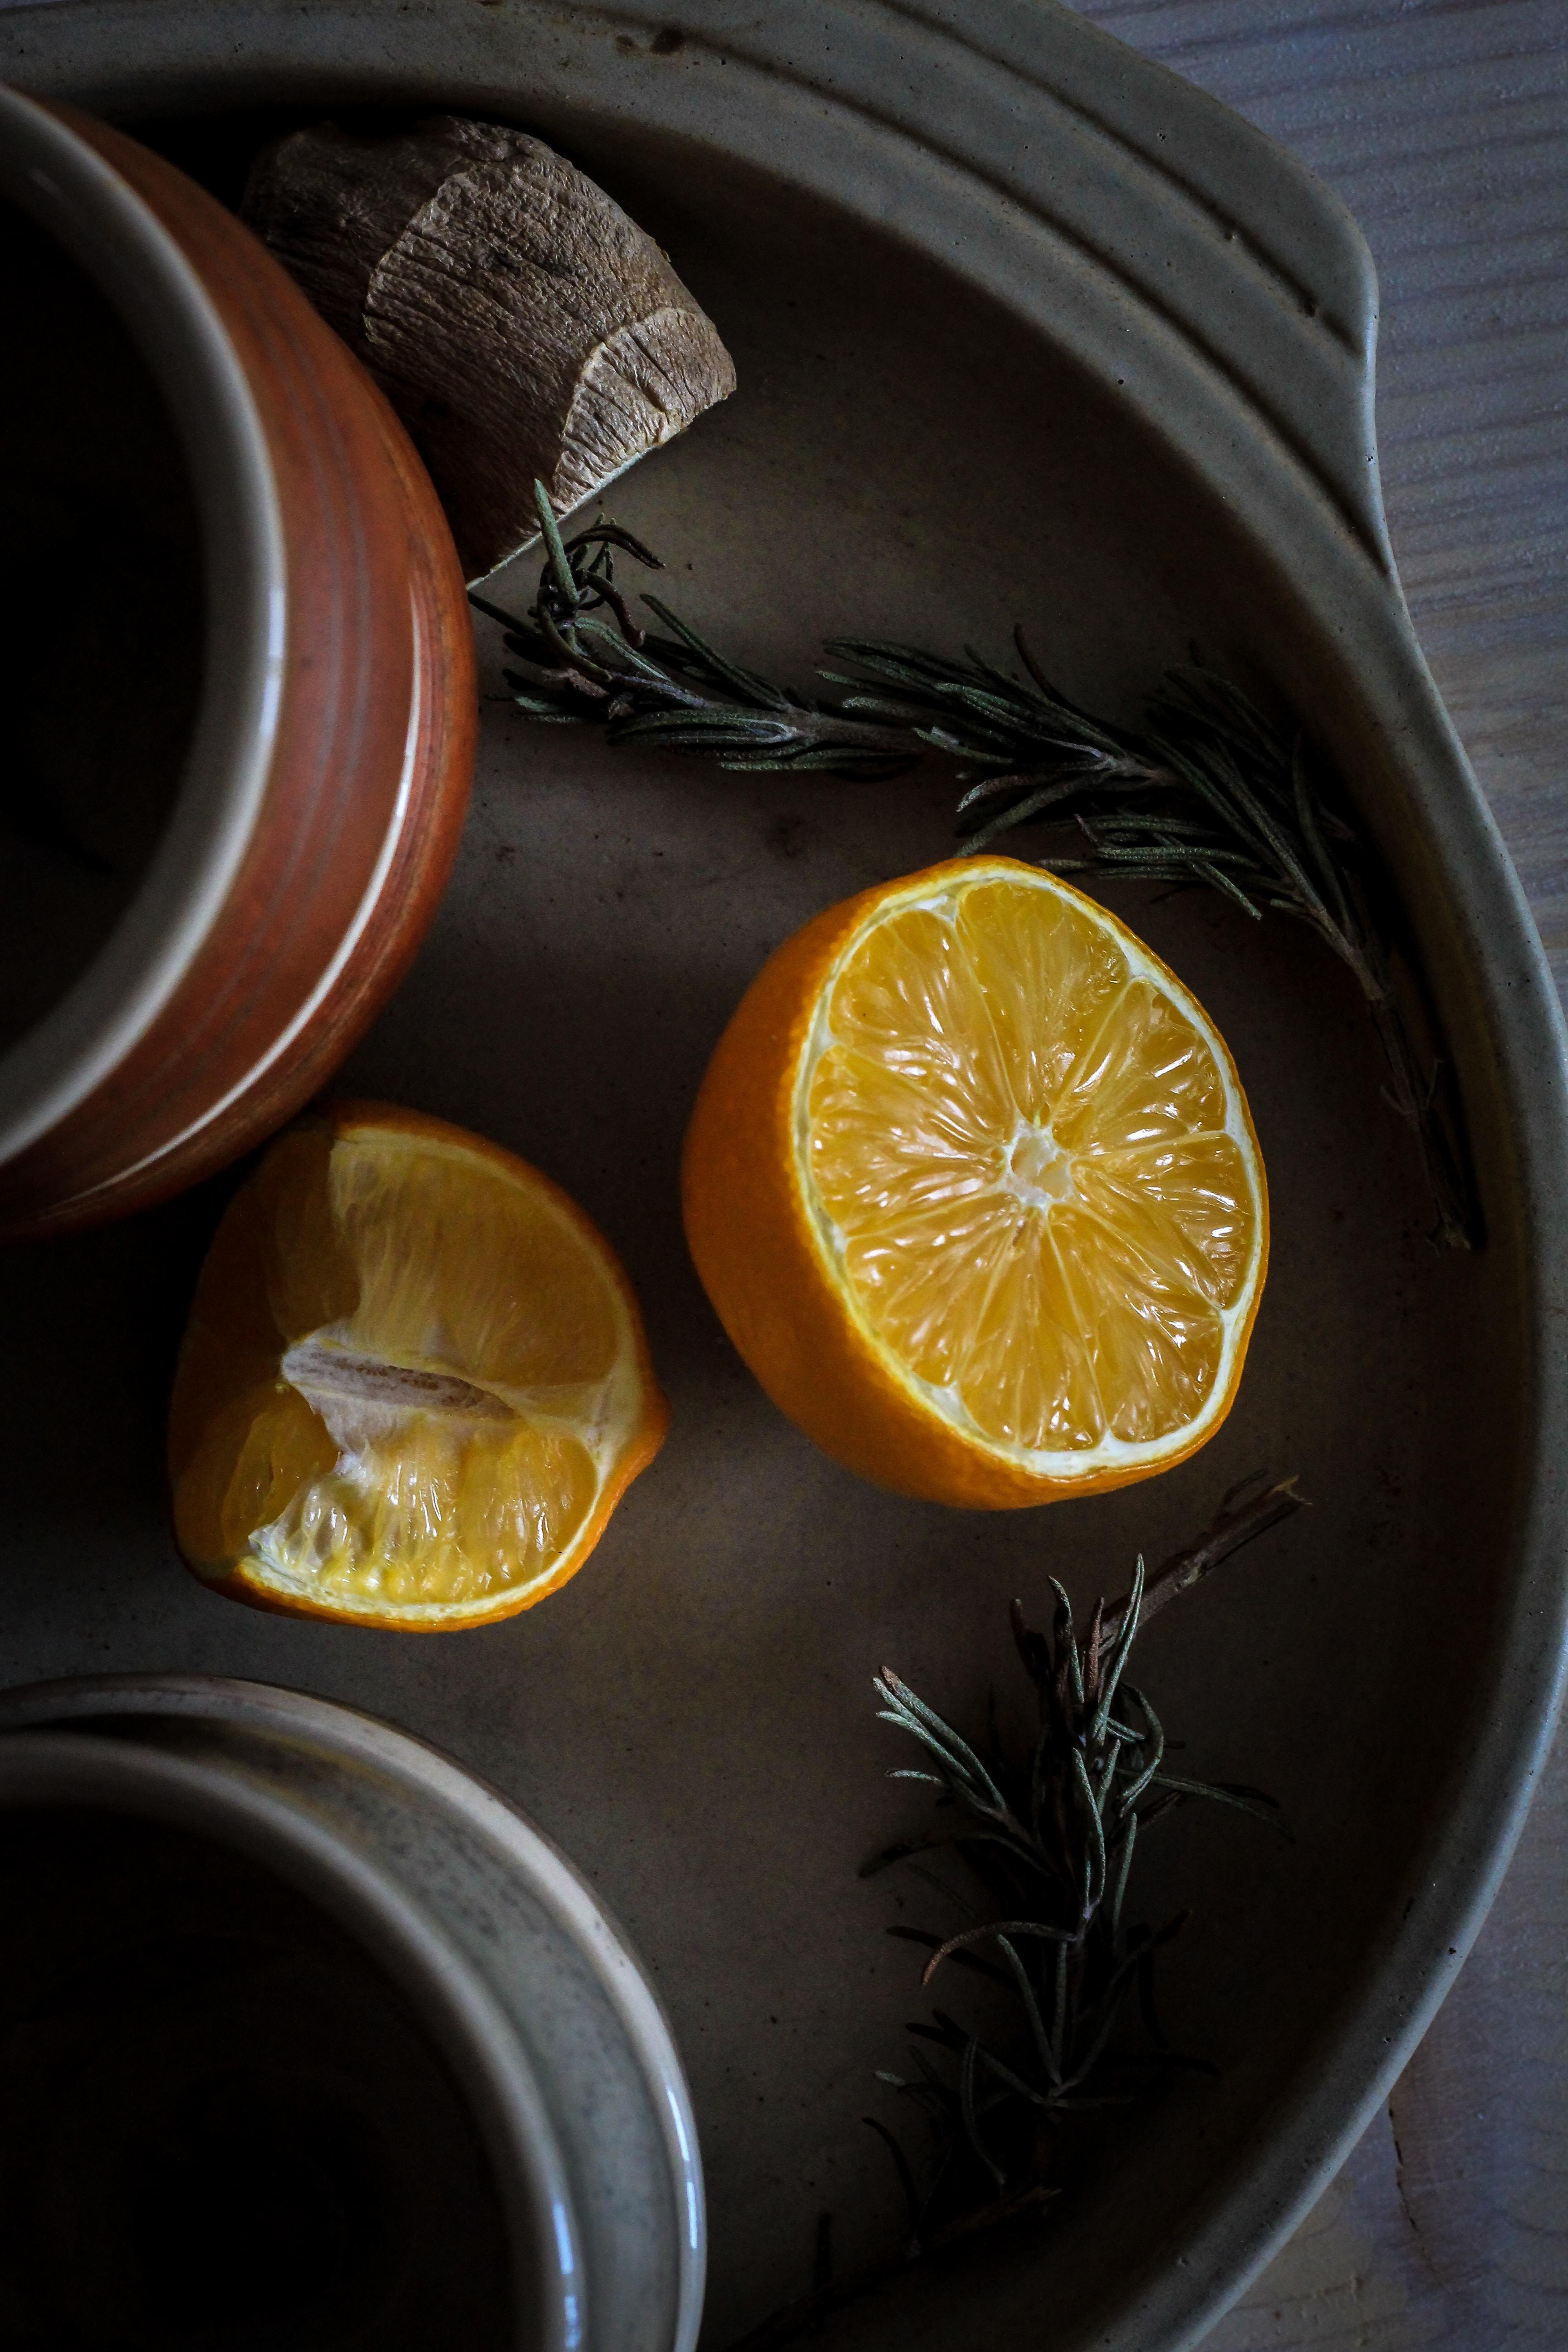 photo of sliced orange fruit on tray